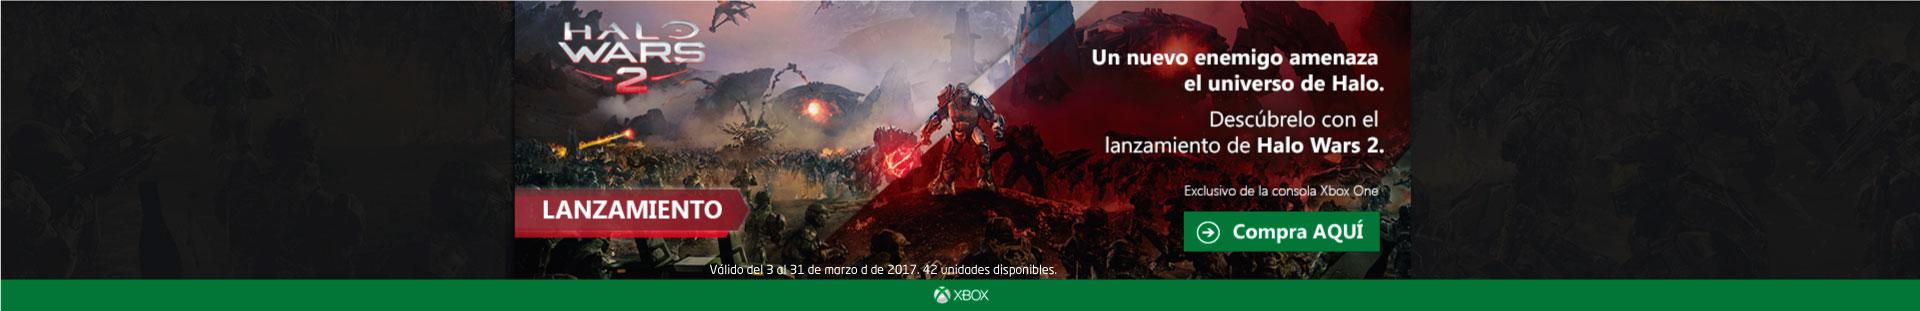 lanzamiento Halo Wars 2